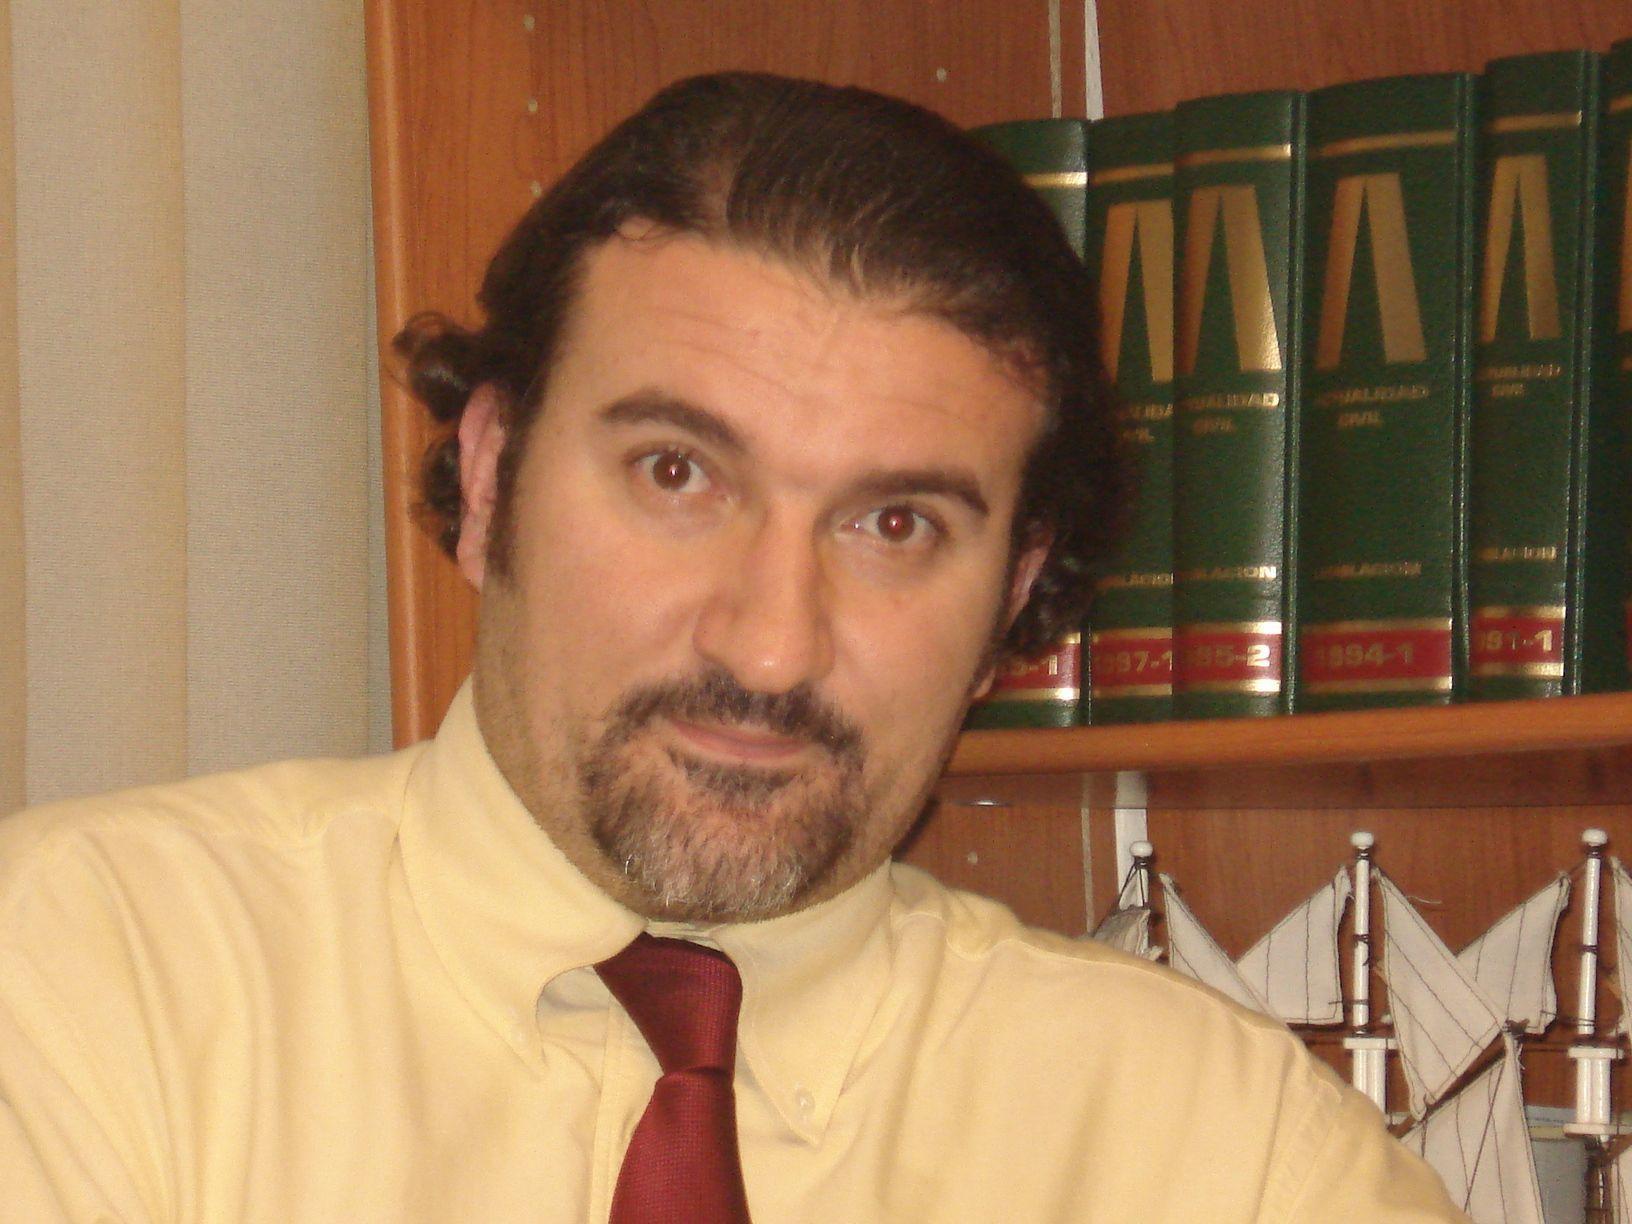 Titular: D. Manuel N. MARTOS GARCIA DE VEAS